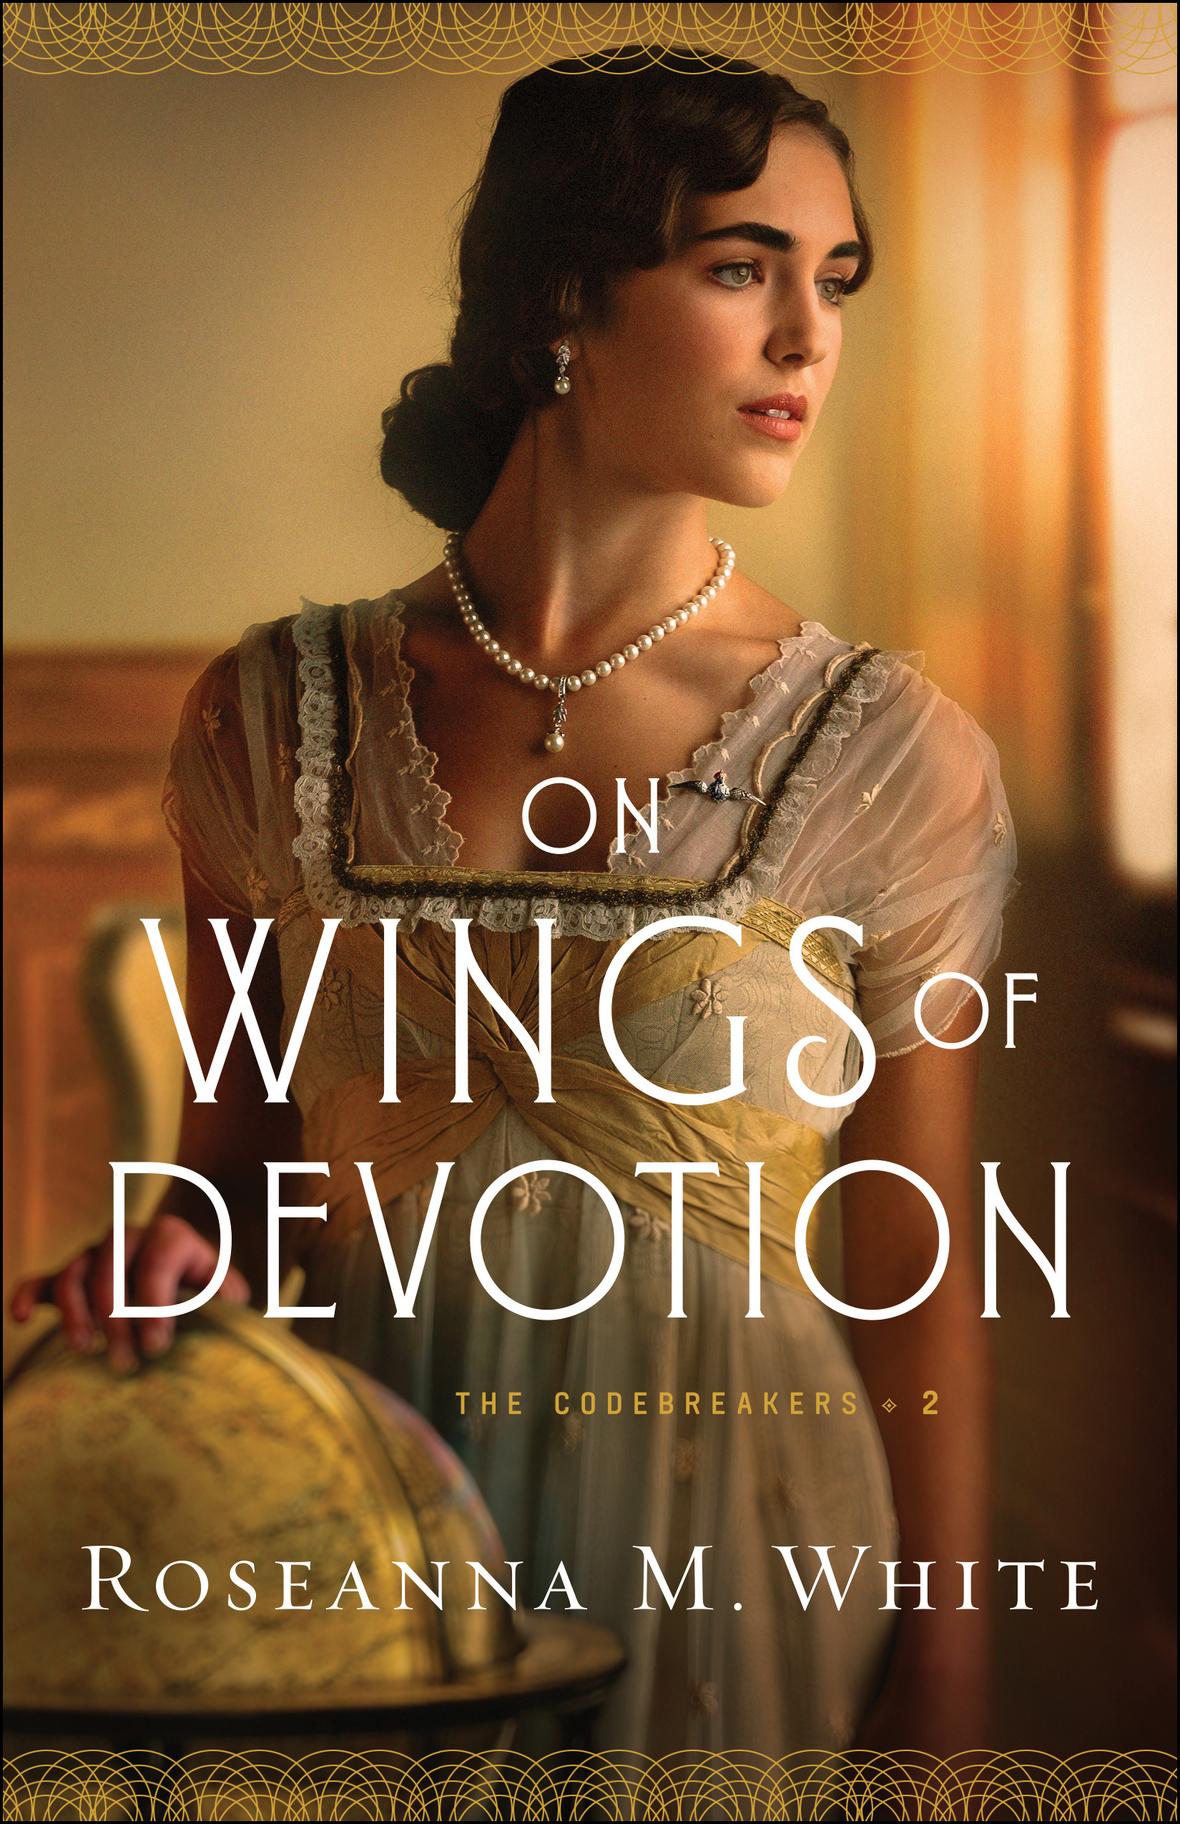 On Wings of Devotion - FINAL